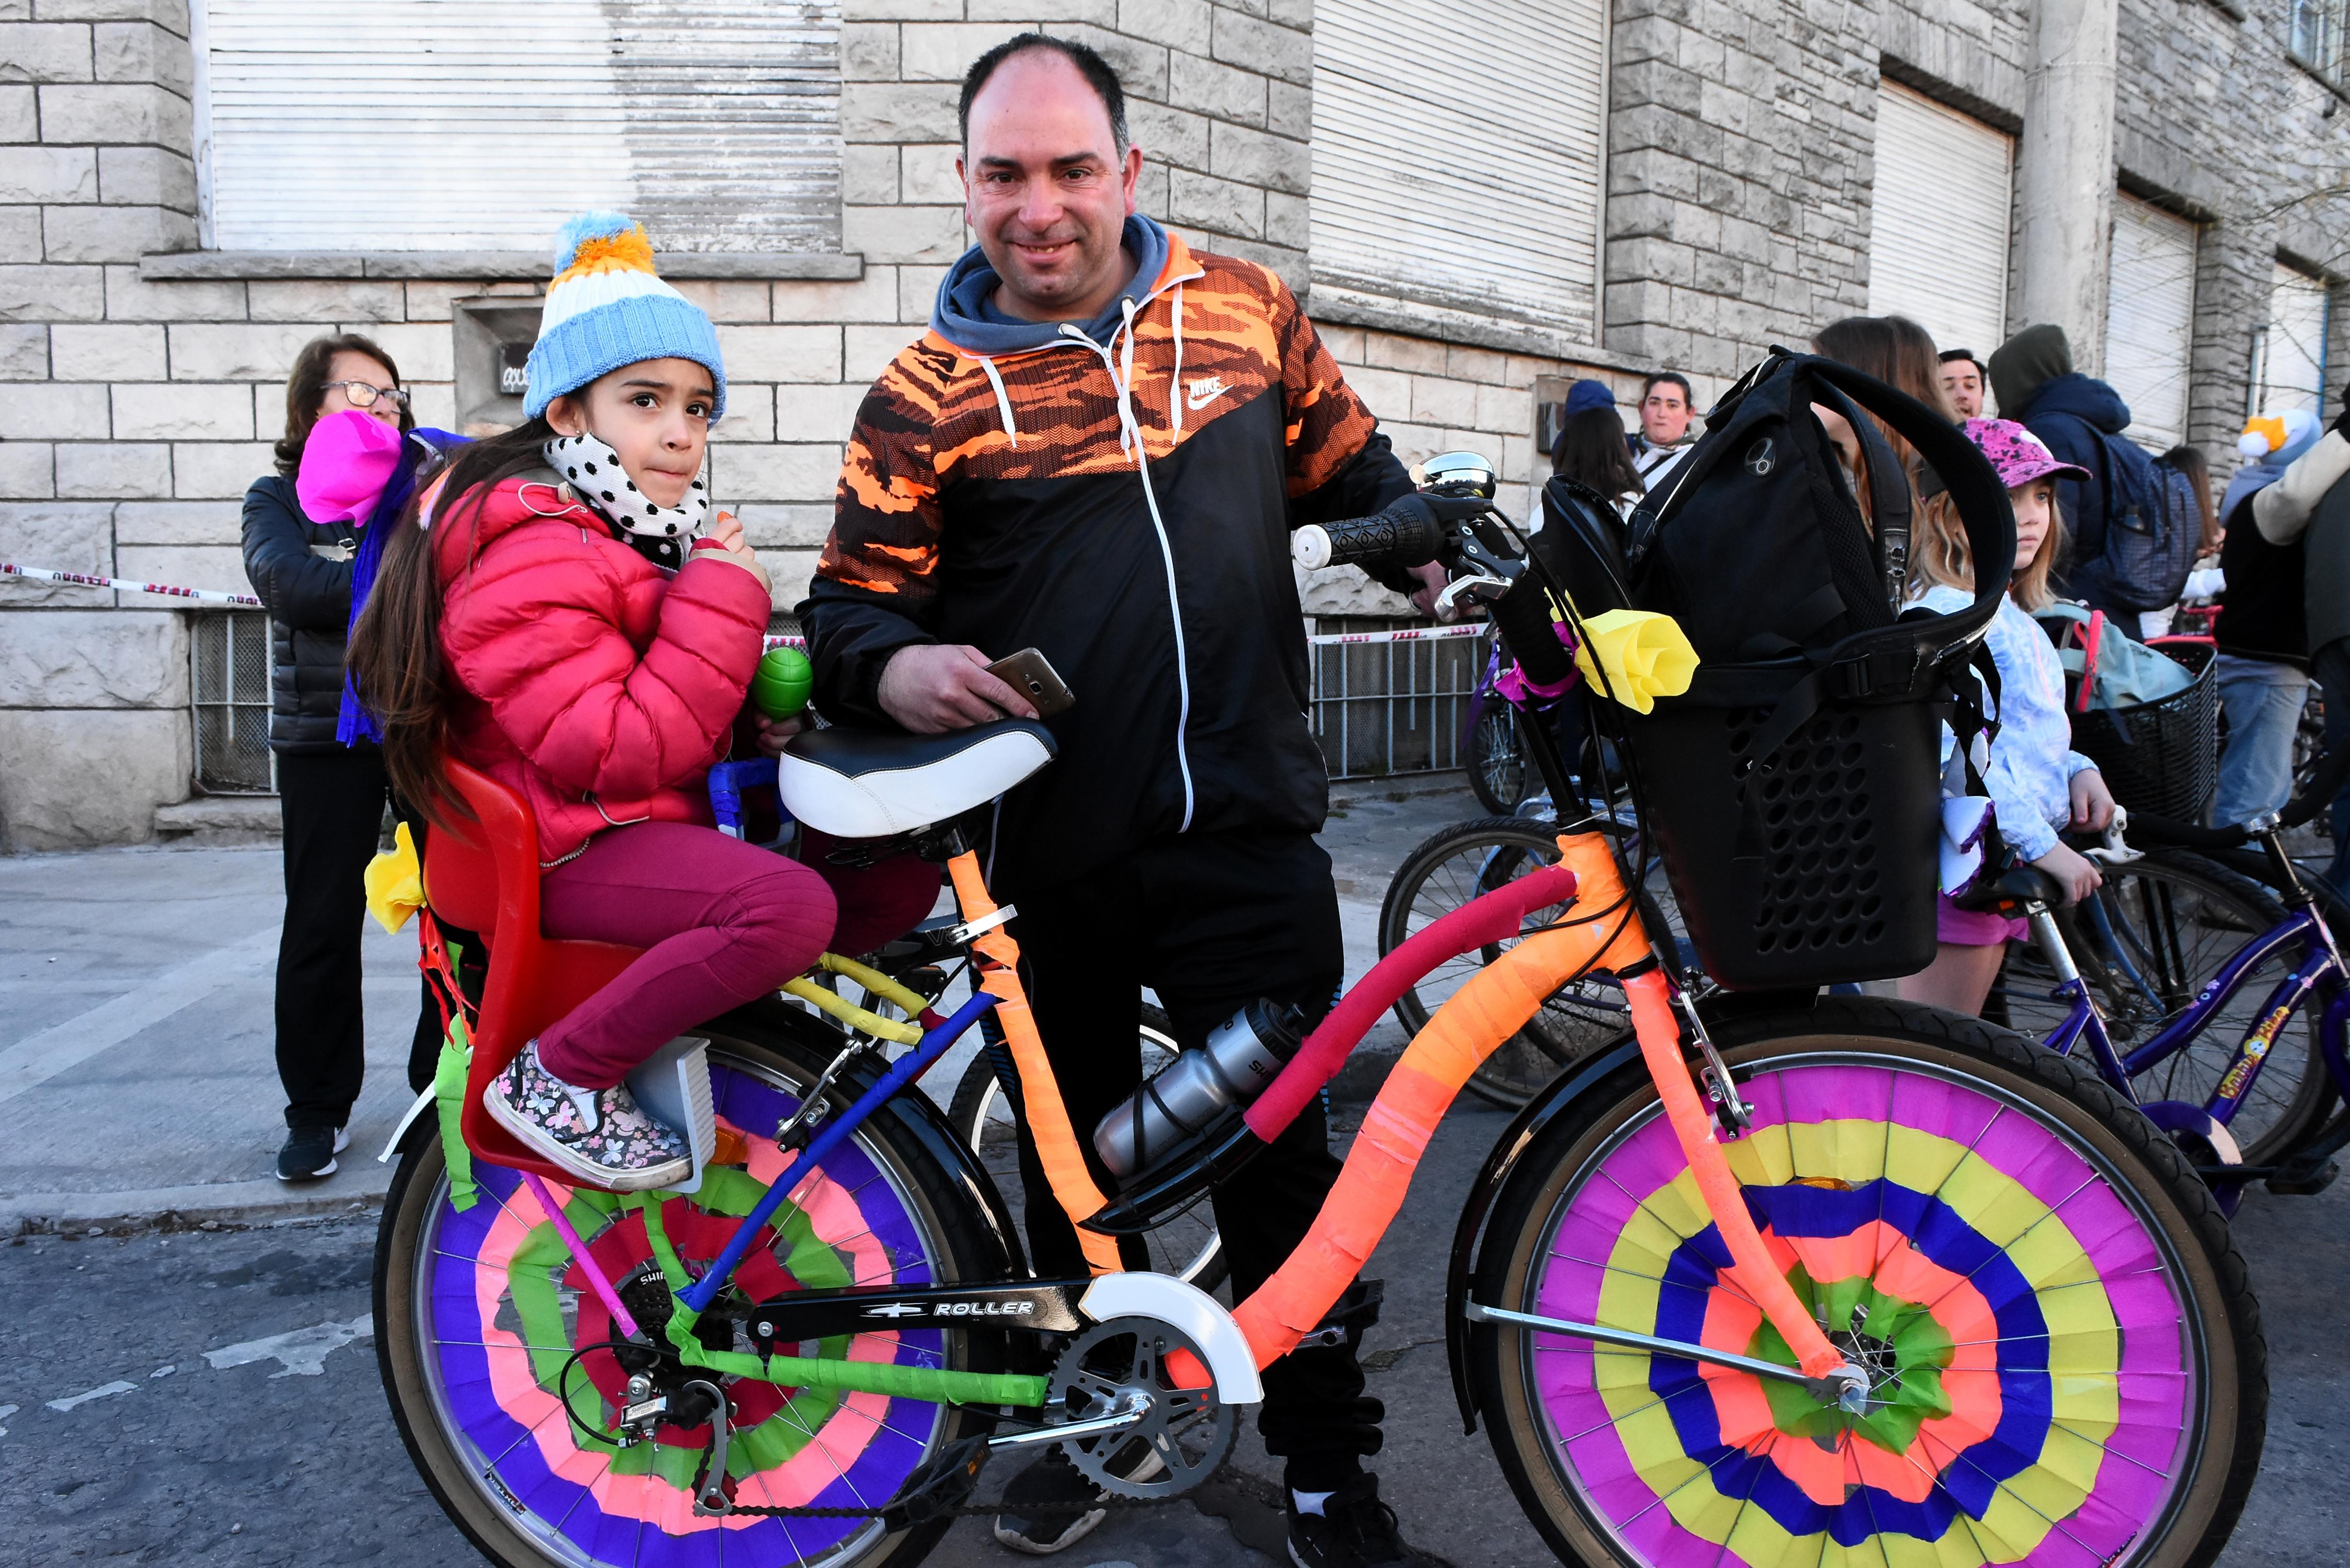 Horacio y su hija Alma (5 años), a bordo de una colorida bicicleta que acondicionaron juntos